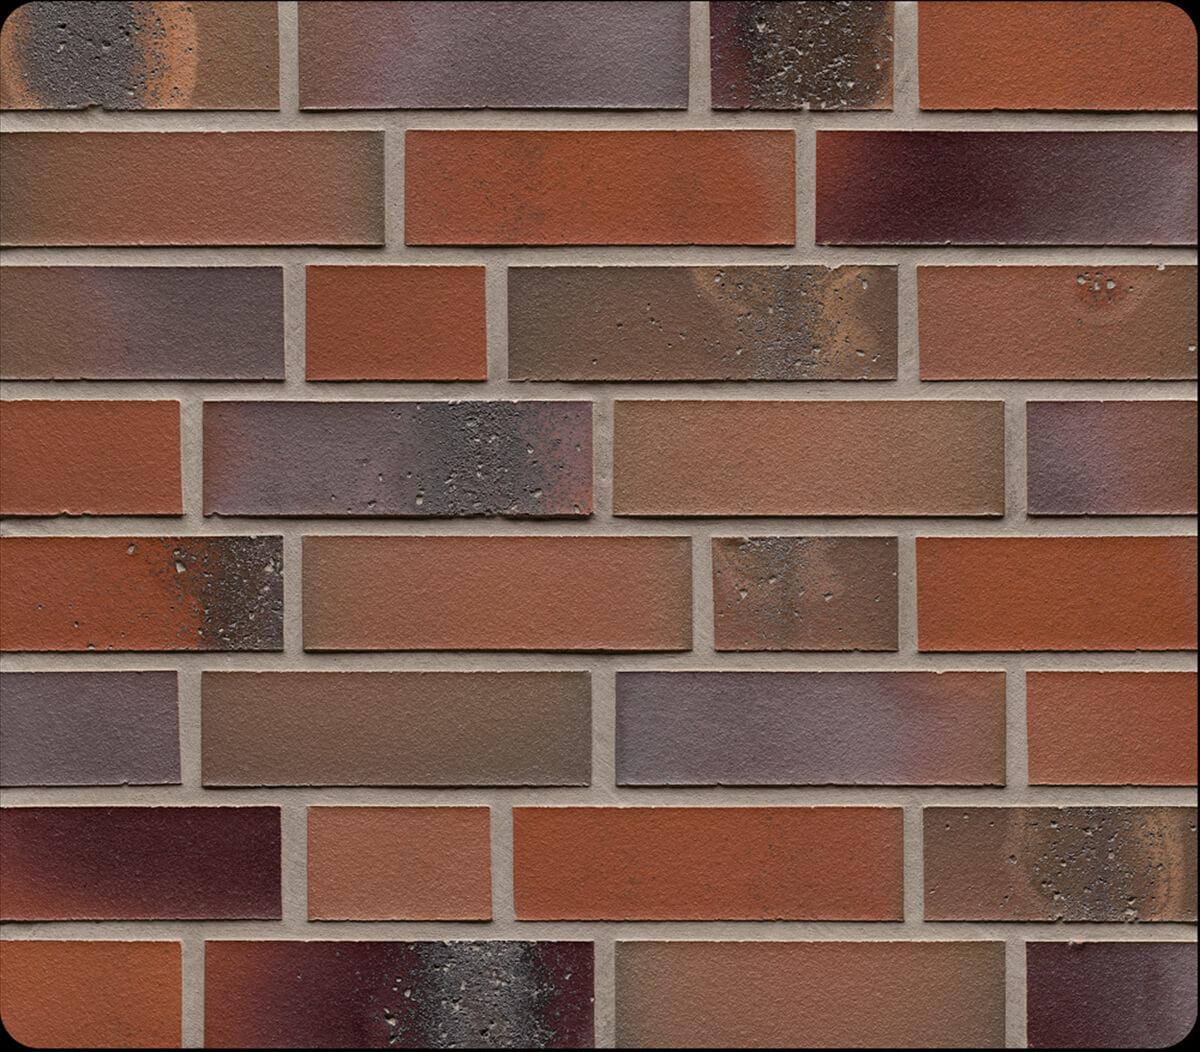 Облицовочная клинкерная плитка Feldhaus Klinker, Salina, R580NF14, carmesi colori, поверхность расплавленный обжиг